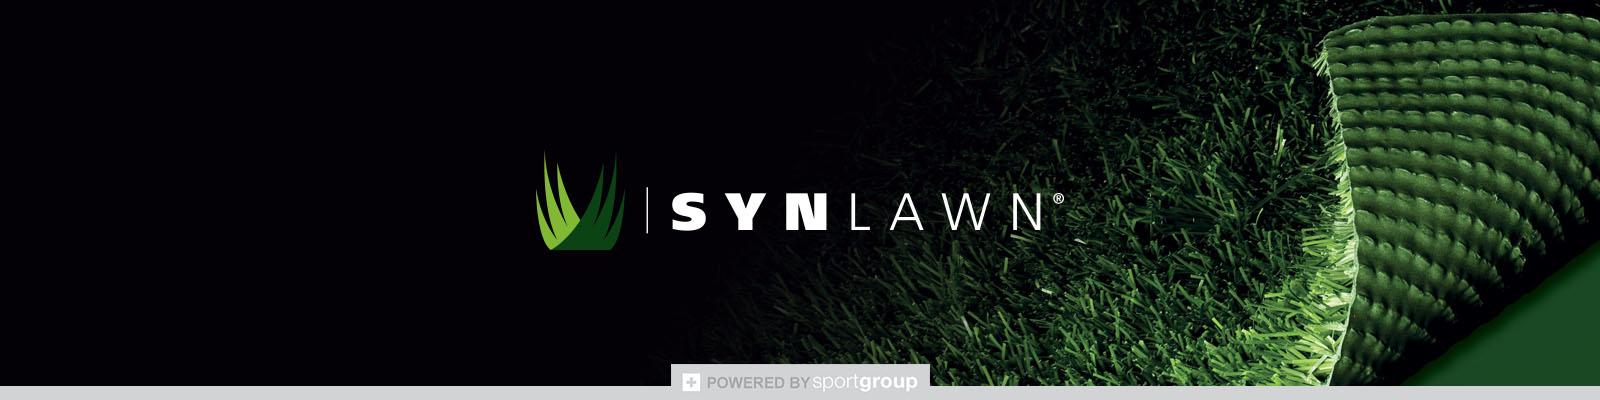 Synlawn header.jpg